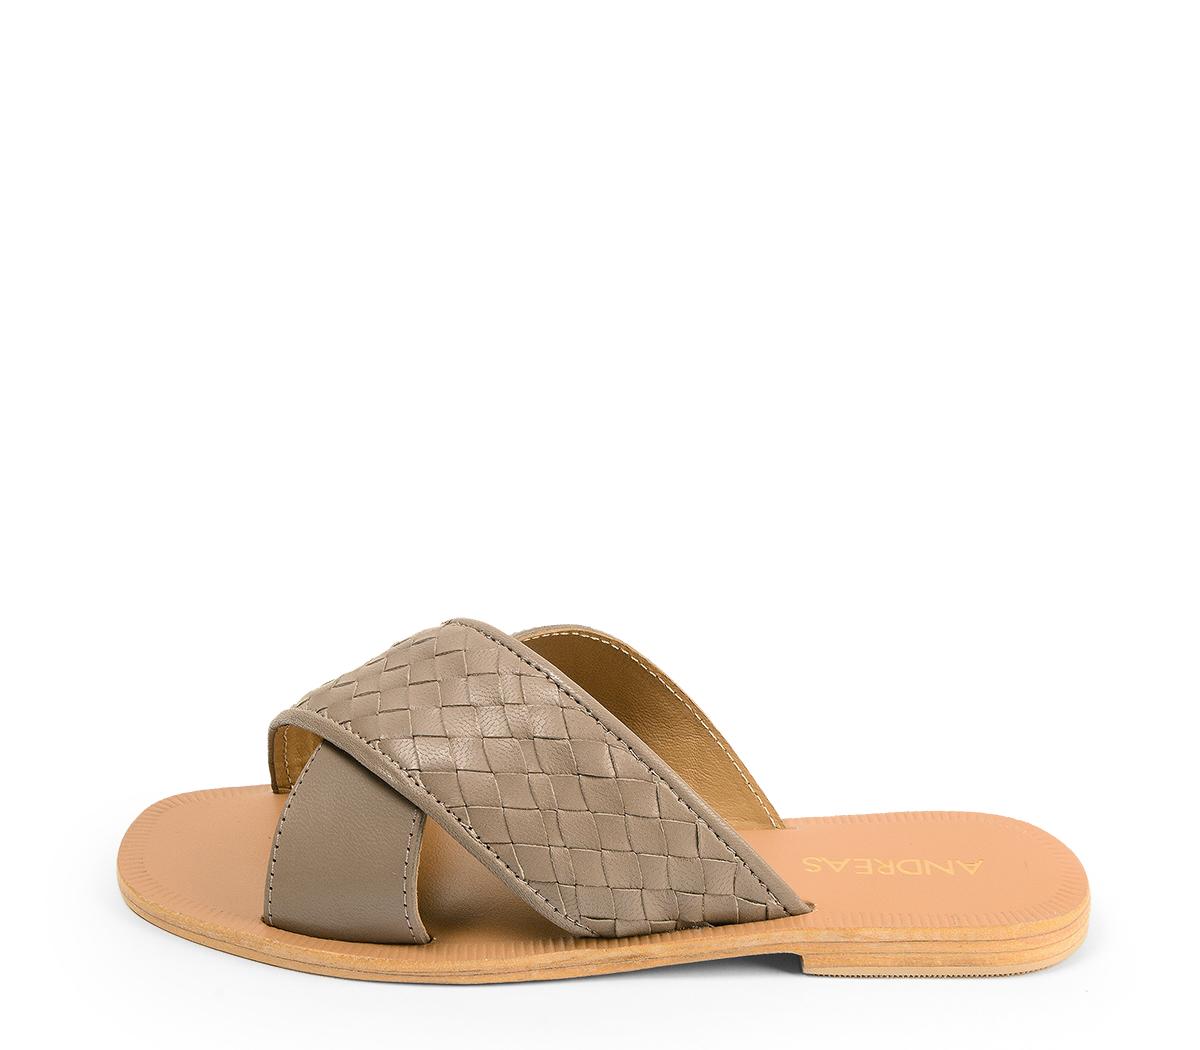 Ref. 4450 Sandalia piel taupe con pala cruzada y detalle trenzado. Plantilla y suela de piel.